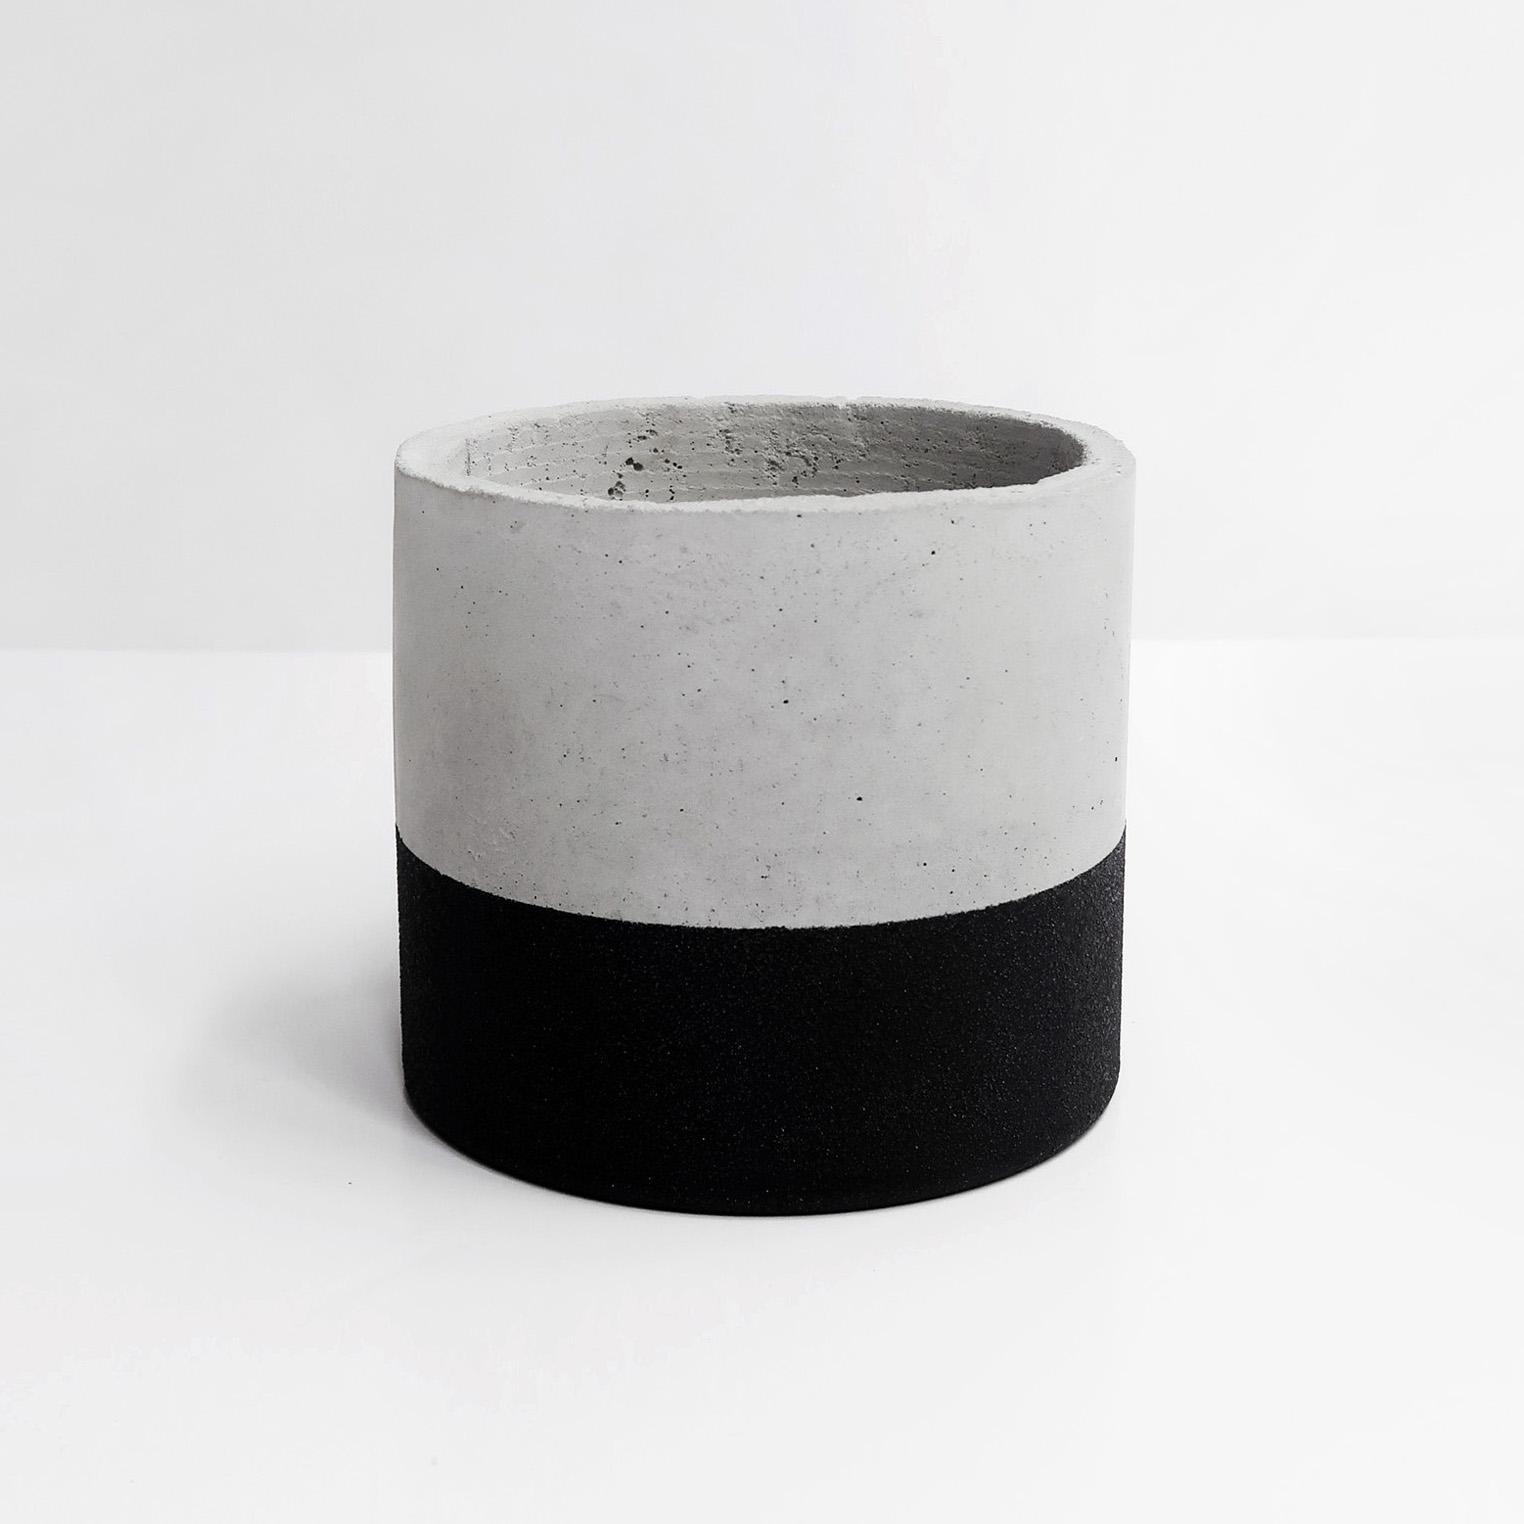 TEKTITE 黑隕石深圓水泥盆器 / Deep cylinder concrete pot